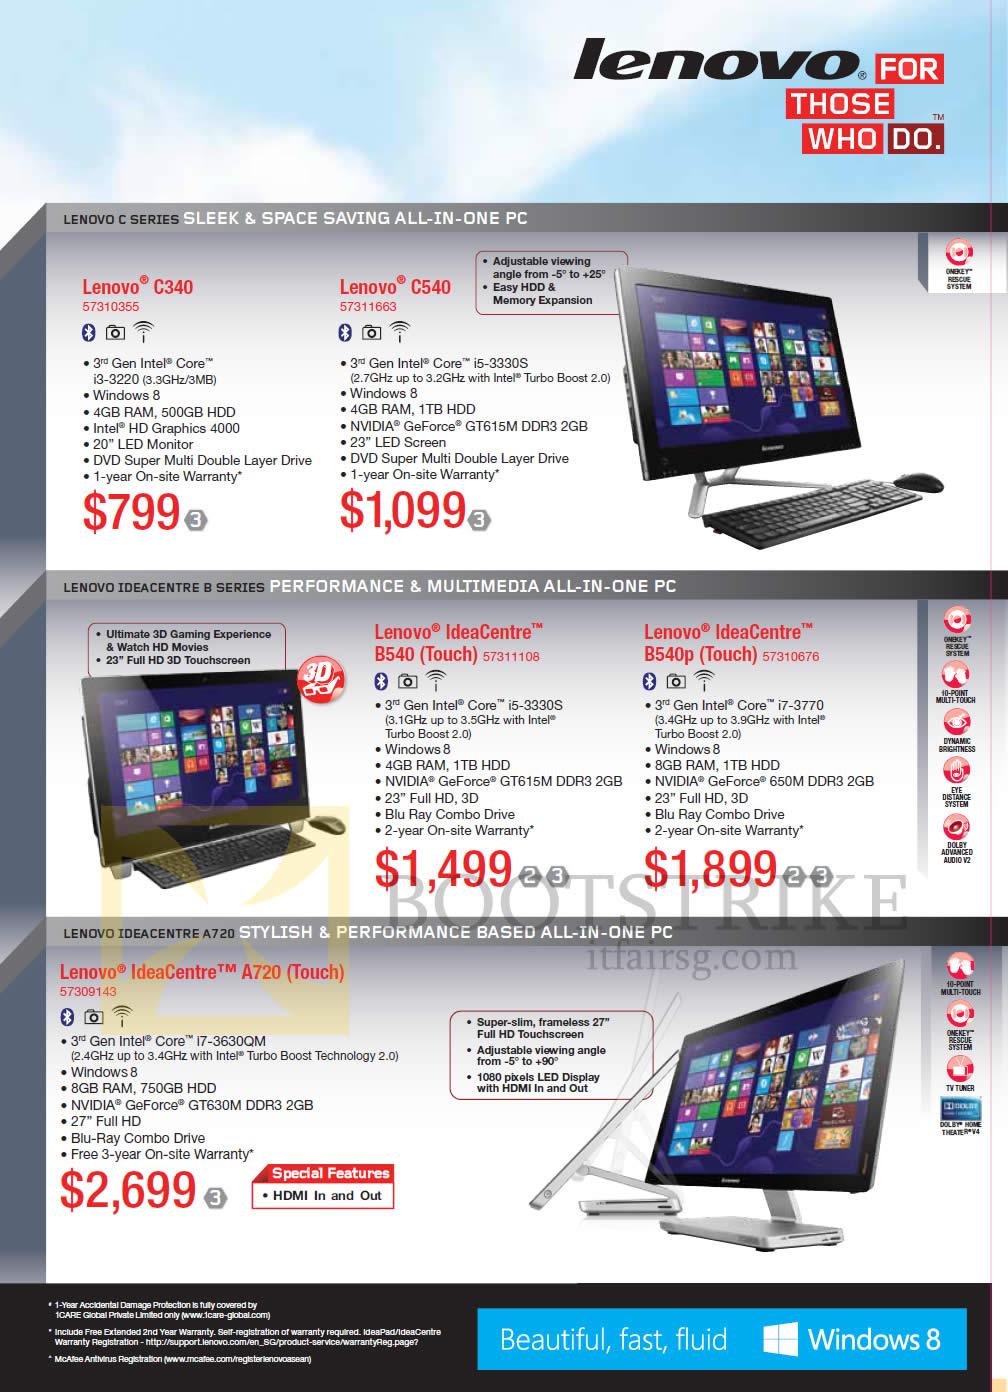 IT SHOW 2013 price list image brochure of Lenovo AIO Desktop PC C340, C540, IdeaCentre B530, B540p, IdeaCentre A720